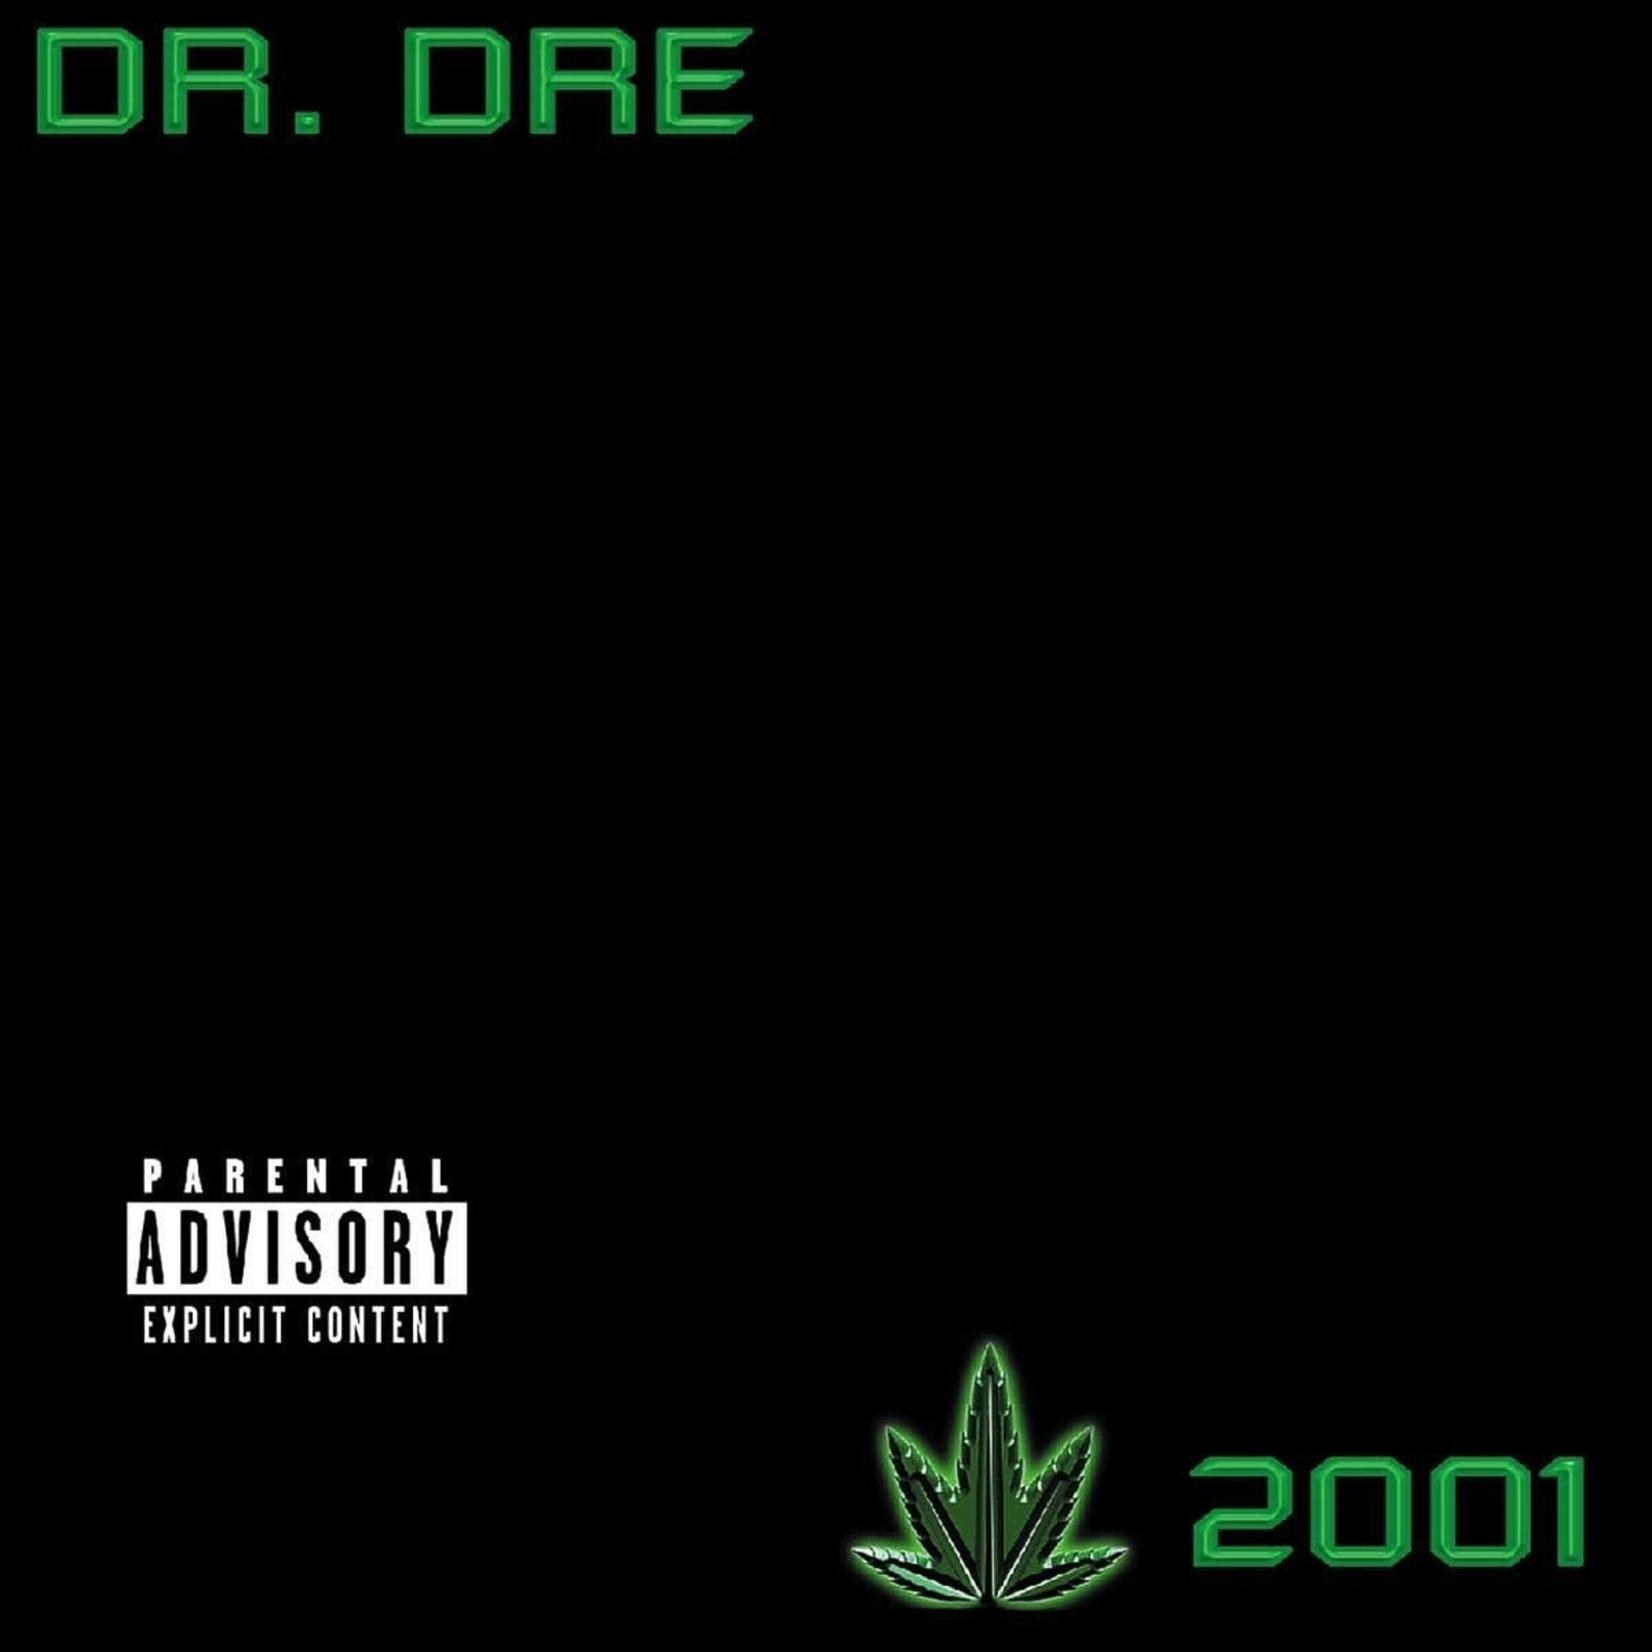 Dr. Dre Dr. Dre - Chronic 2001